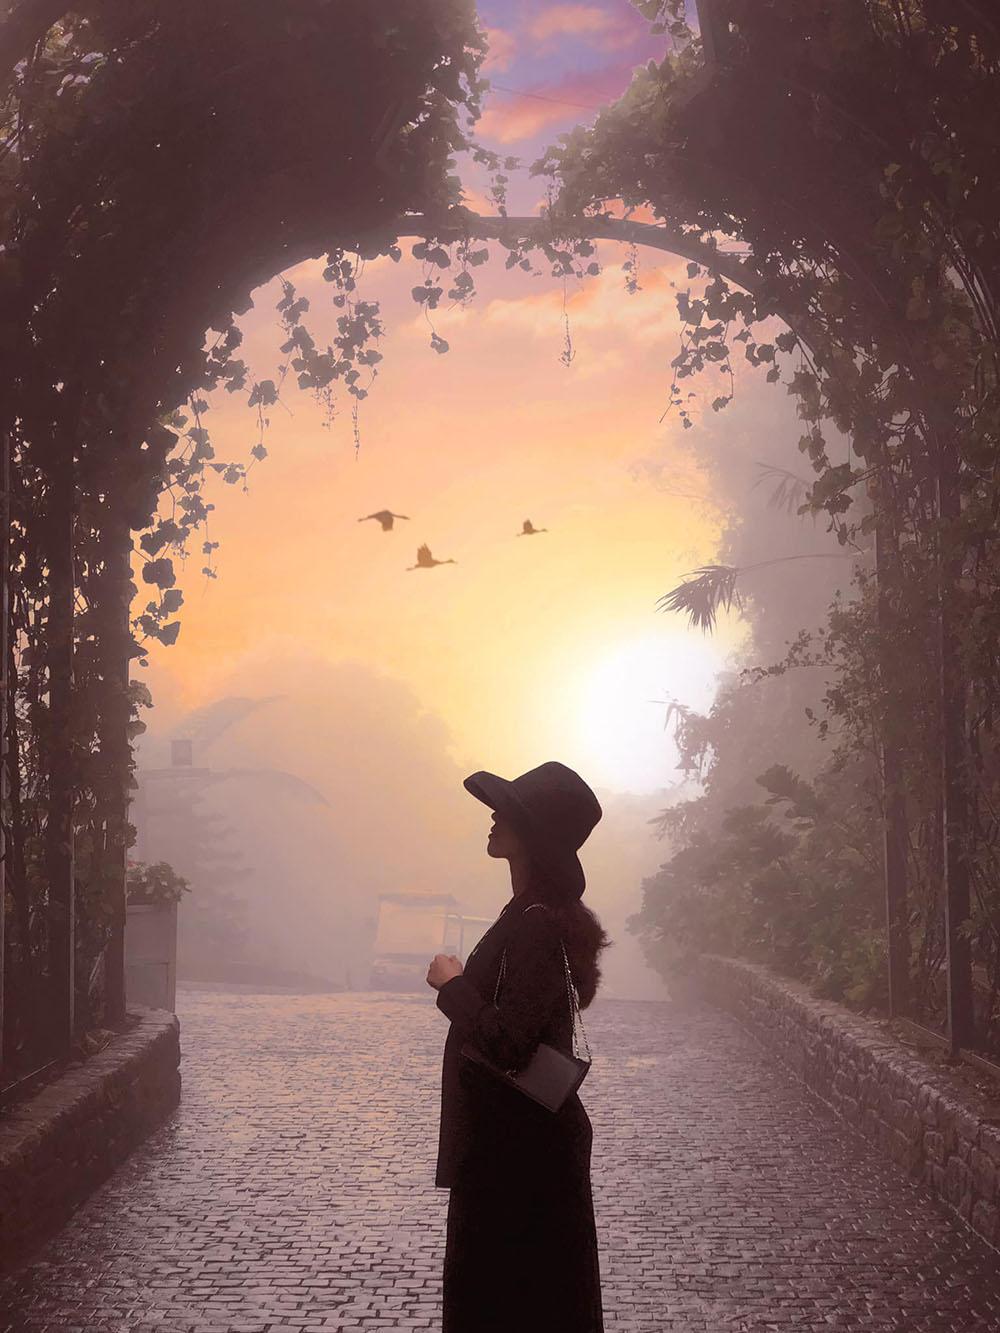 Vua Hoa Le Jardin Damor Review Hue Da Nang Hoi An Ninh Binh 7n7d Chi Voi 8 Trieu Tin Duoc Khong